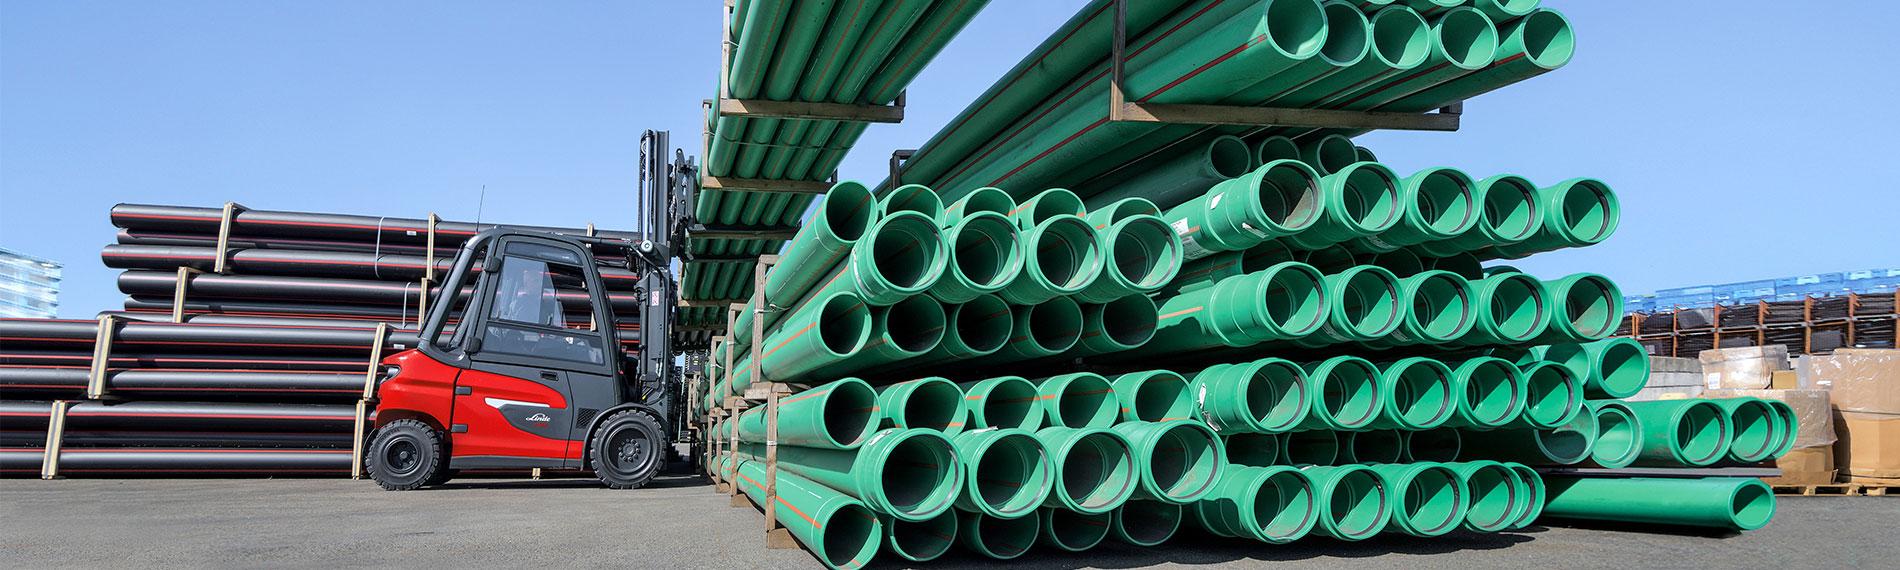 linde x20 x35 gabelstapler transportiert grosse gruene rohre